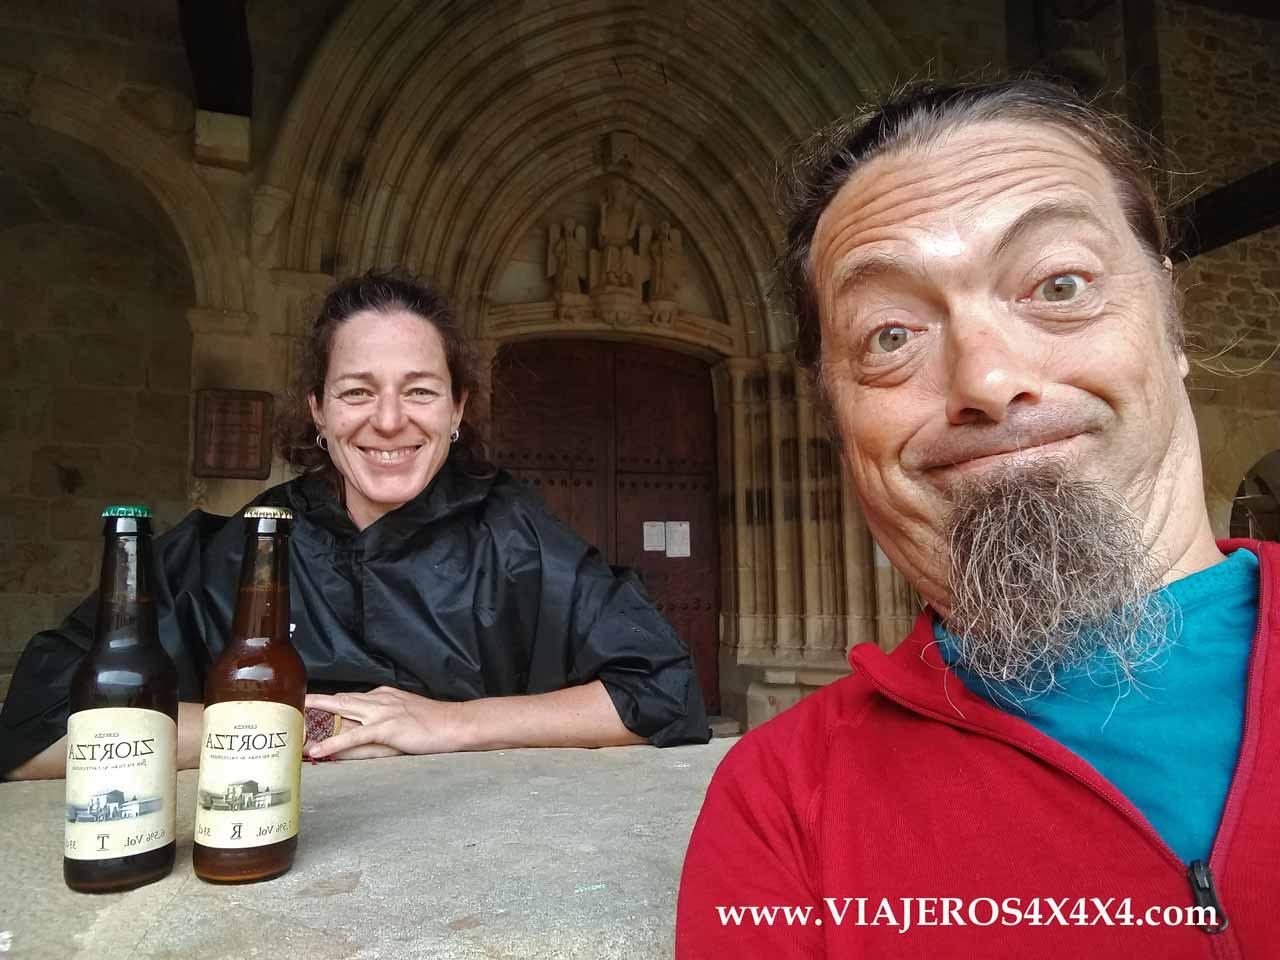 Probando cervezas de abadía